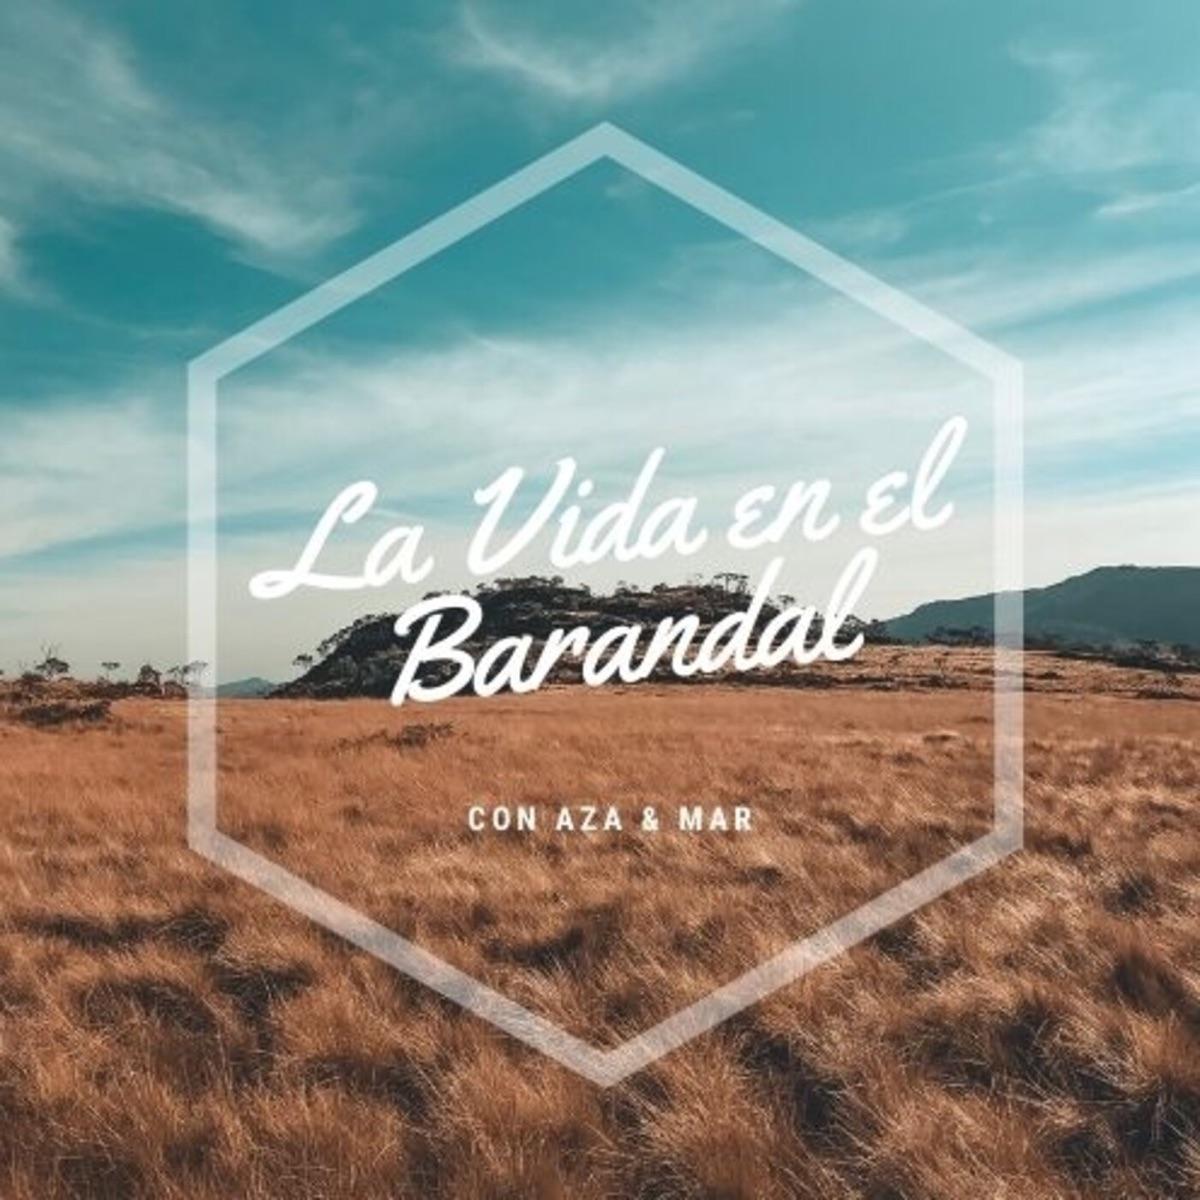 La Vida en el Barandal